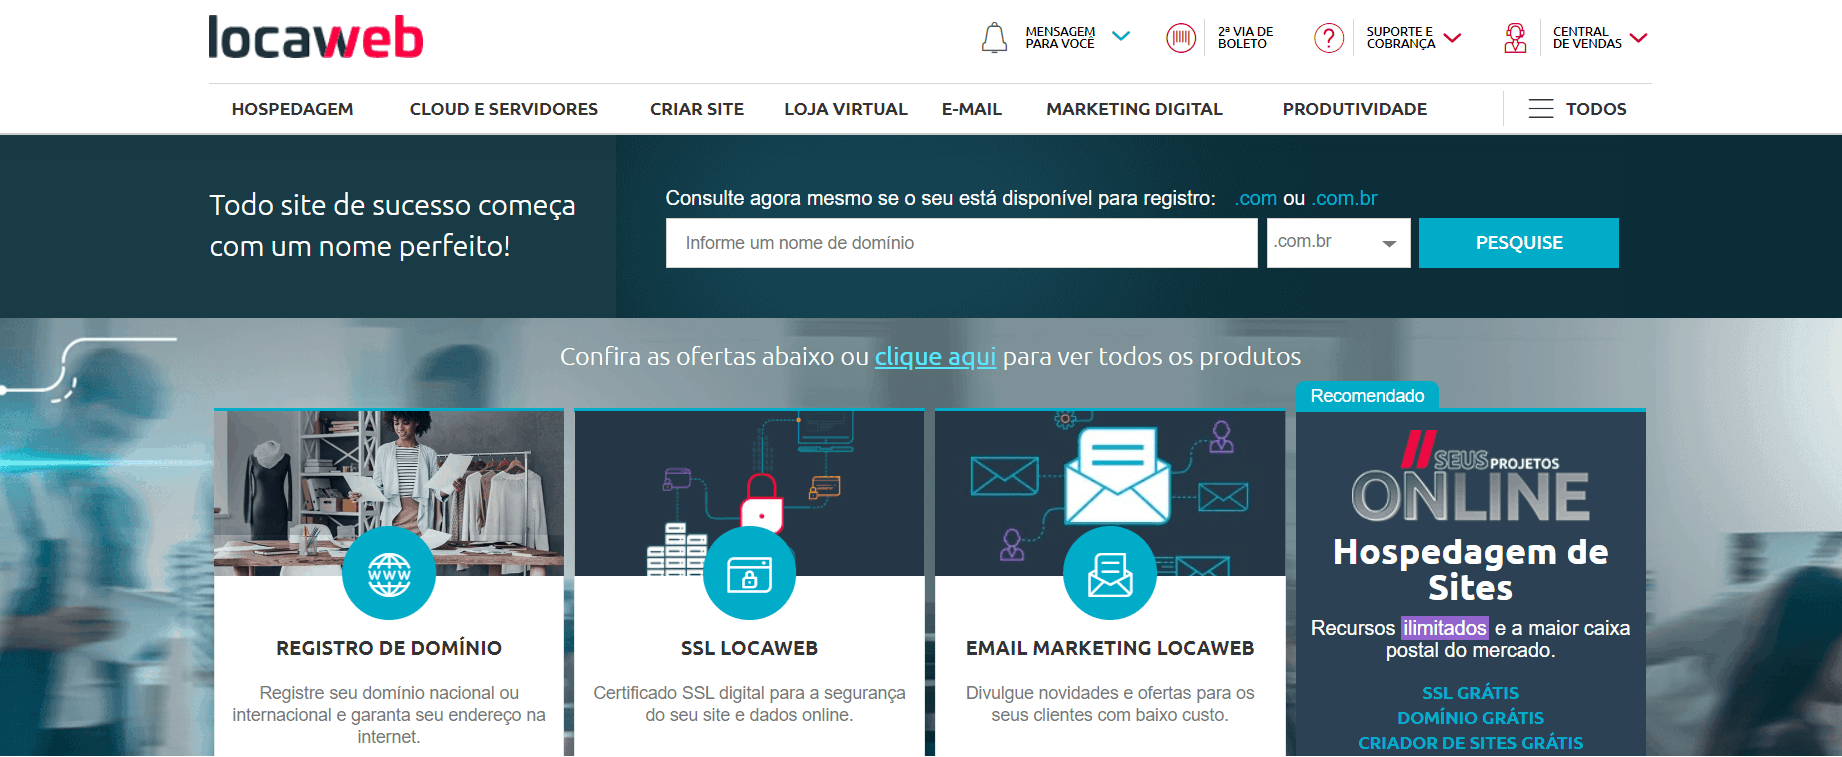 página inicial Locaweb 2020